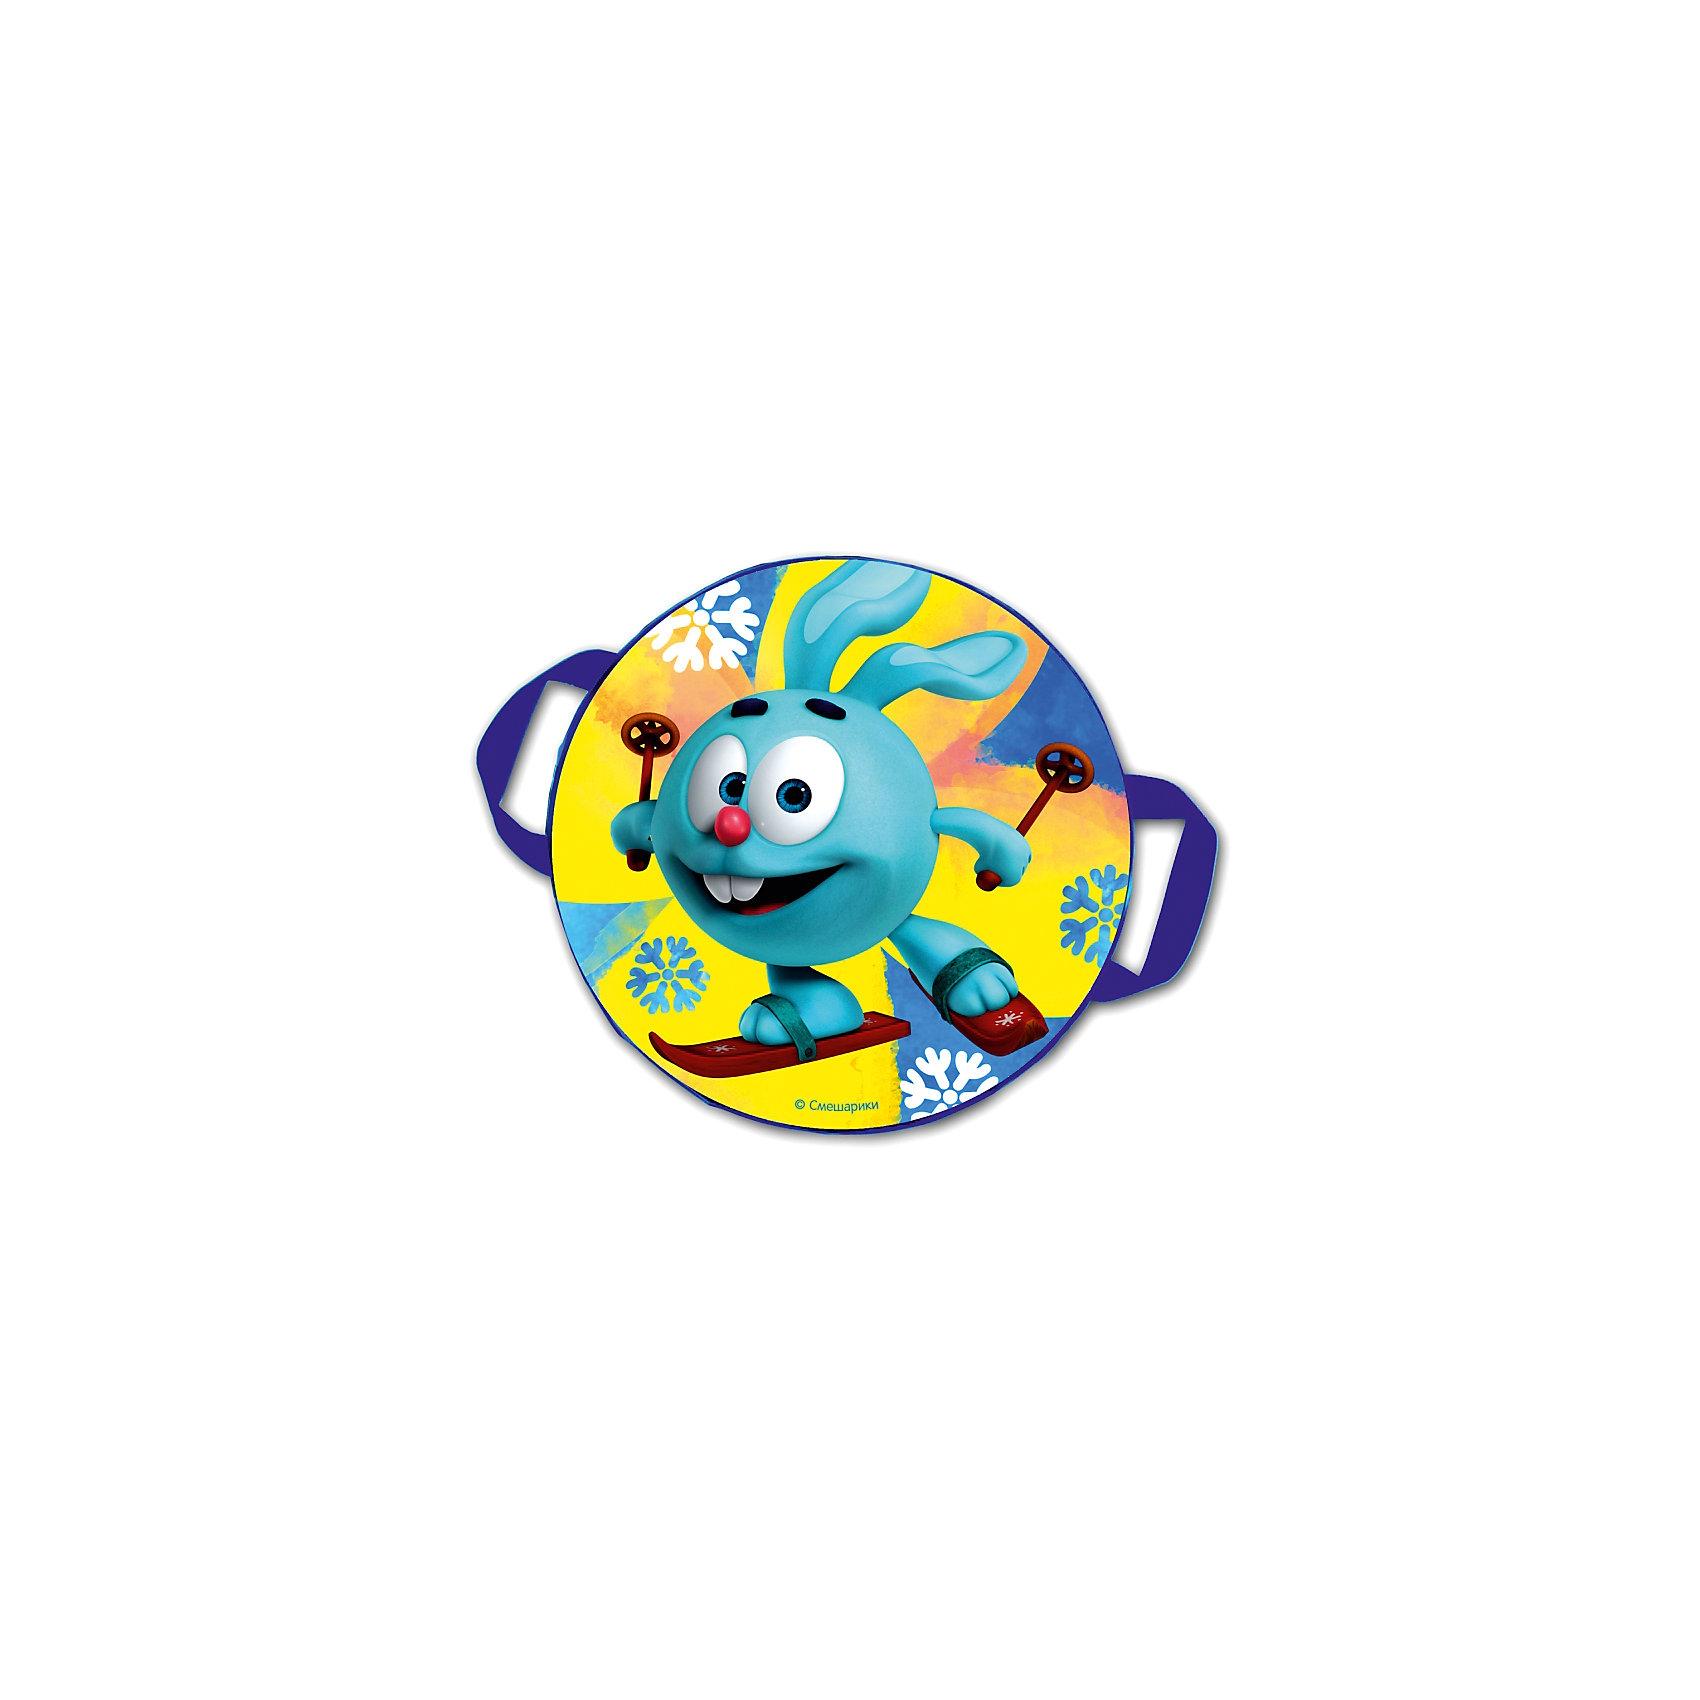 Санки-ледянки № 04 Крош на лыжах, диаметр 45 смЛедянки<br>Характеристики товара:<br><br>• размер: 45 см<br>• материал: полимер<br>• с принтом<br>• для детей<br>• есть ручки<br><br>Яркие санки-ледянки с изображением героя из любимого мультфильма - отличный подарок для ребенка! Эти ледянки дополнены удобными ручками, с помощью которых можно крепко держаться! Они качественно выполнены, отлично скользят по снегу и помогут принести массу удовольствия от катания на горках!<br>Активный зимний отдых помогает ребенку закалиться, развивать физические показатели , нарабатывать новые навыки и способности - ловкость, быструю реакцию, моторику. Изделие производится из качественных сертифицированных материалов, безопасных даже для самых маленьких.<br><br>Санки-ледянки № 04 Крош на лыжах, диаметр 45 см, можно купить в нашем интернет-магазине.<br><br>Ширина мм: 450<br>Глубина мм: 450<br>Высота мм: 25<br>Вес г: 260<br>Возраст от месяцев: 48<br>Возраст до месяцев: 2147483647<br>Пол: Унисекс<br>Возраст: Детский<br>SKU: 5214868